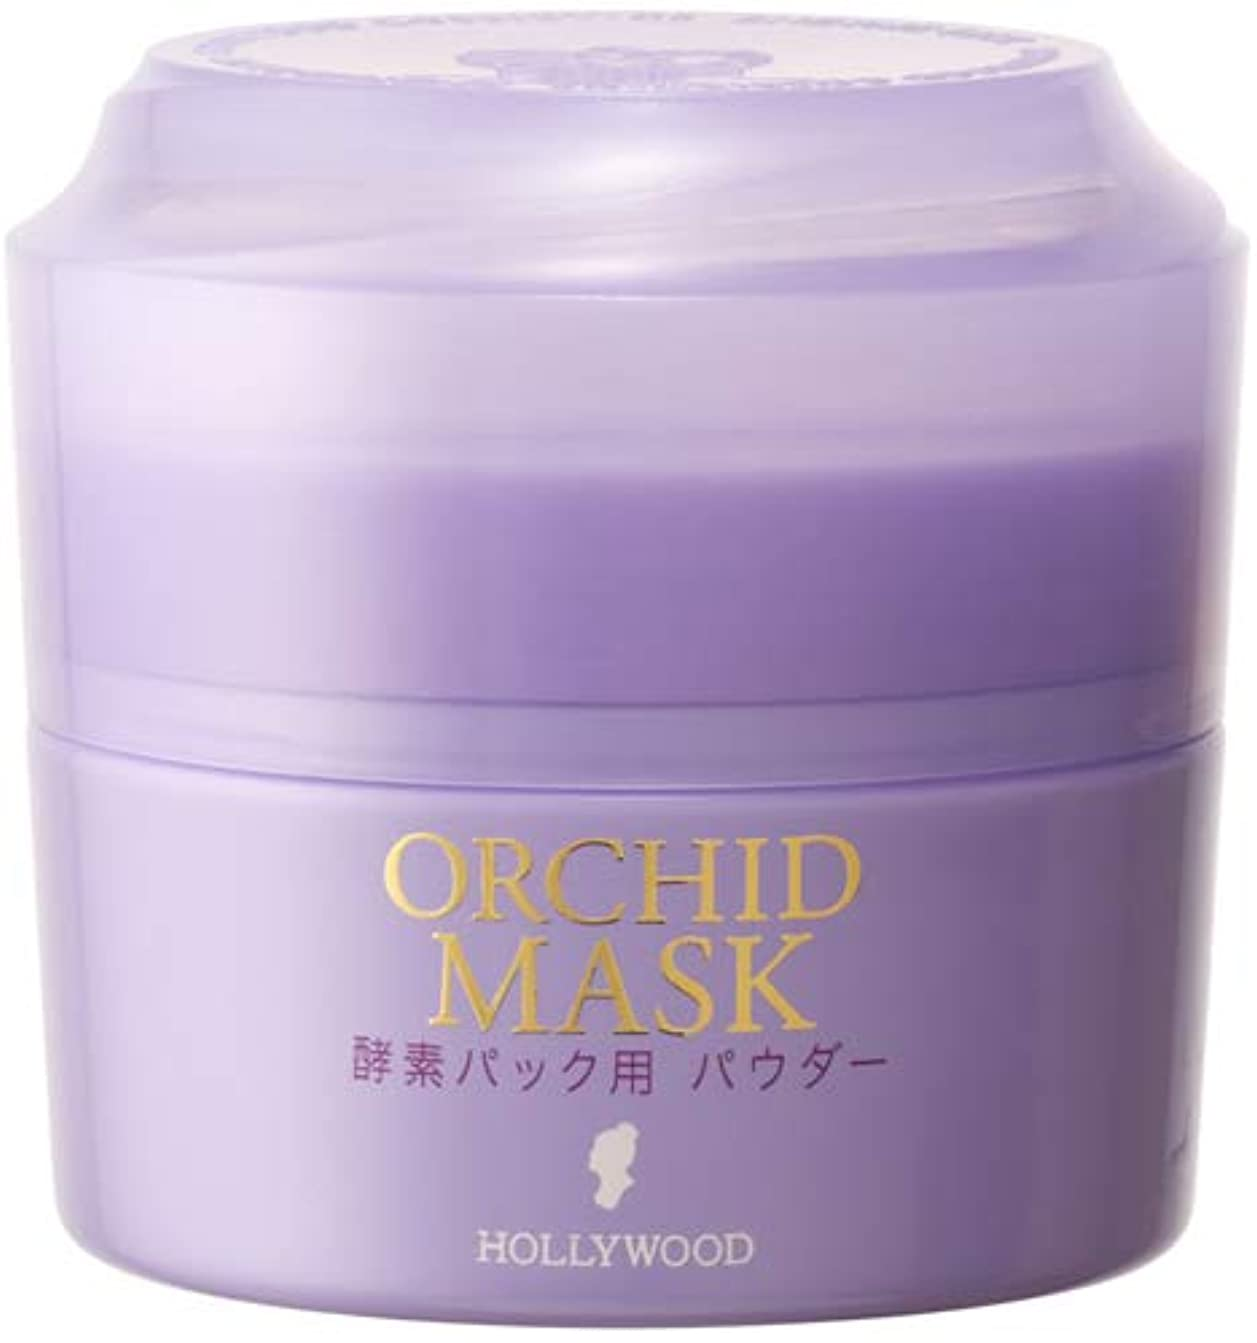 ハリウッド化粧品 オーキッド マスク 80g